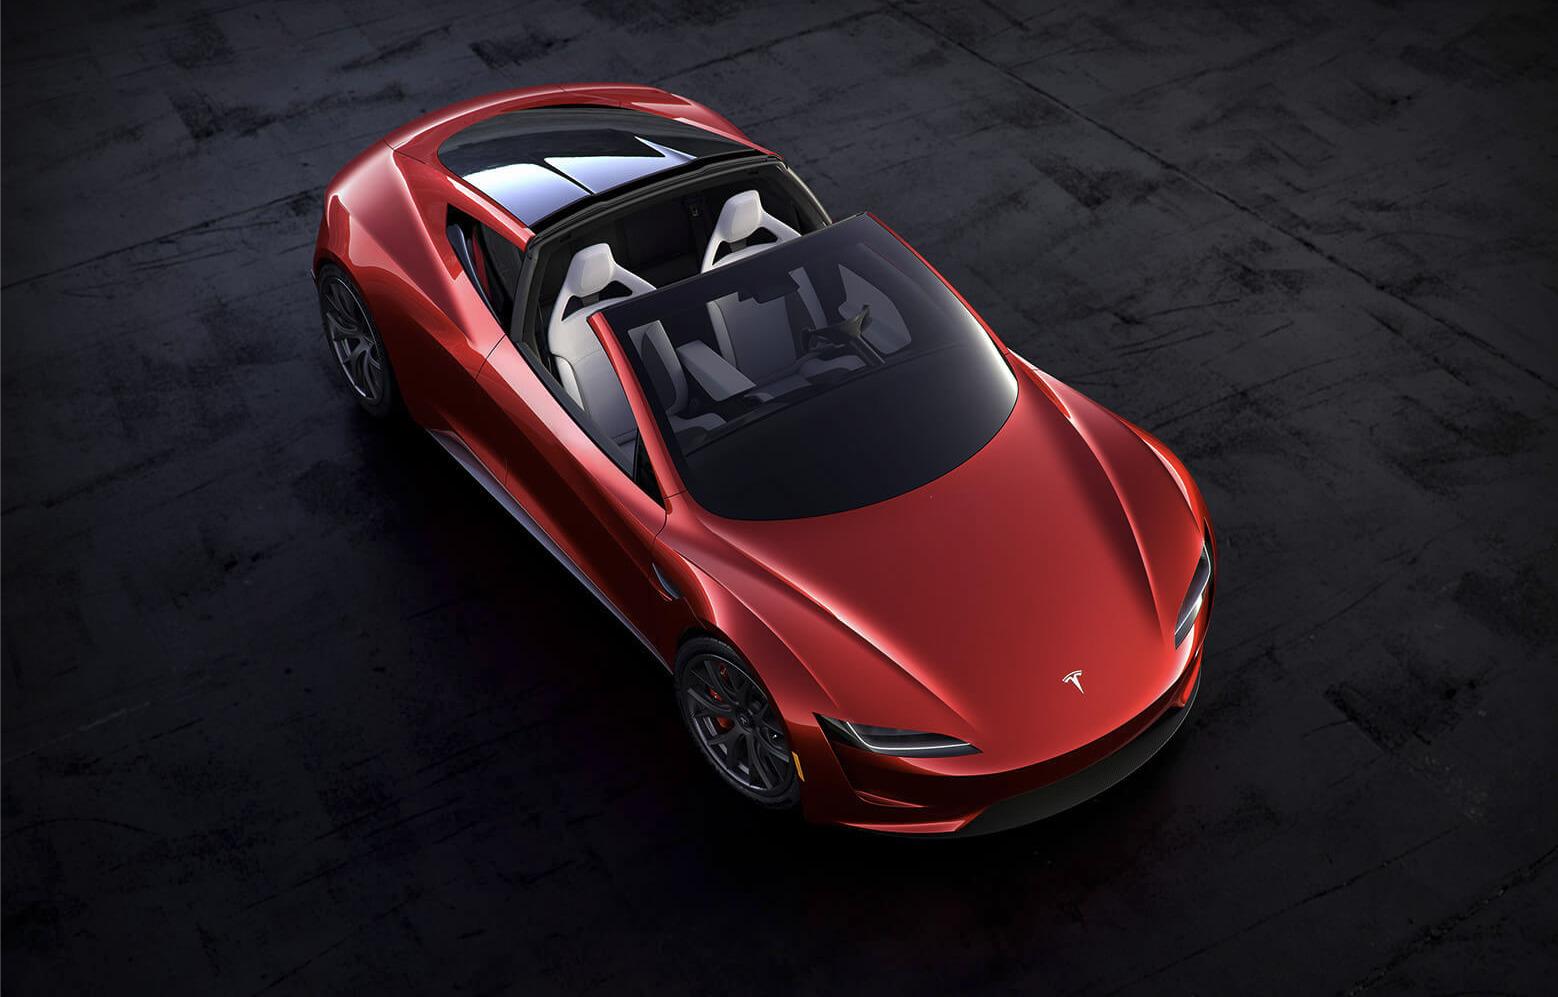 La nouvelle Tesla Roadster n'arrivera pas avant 2023